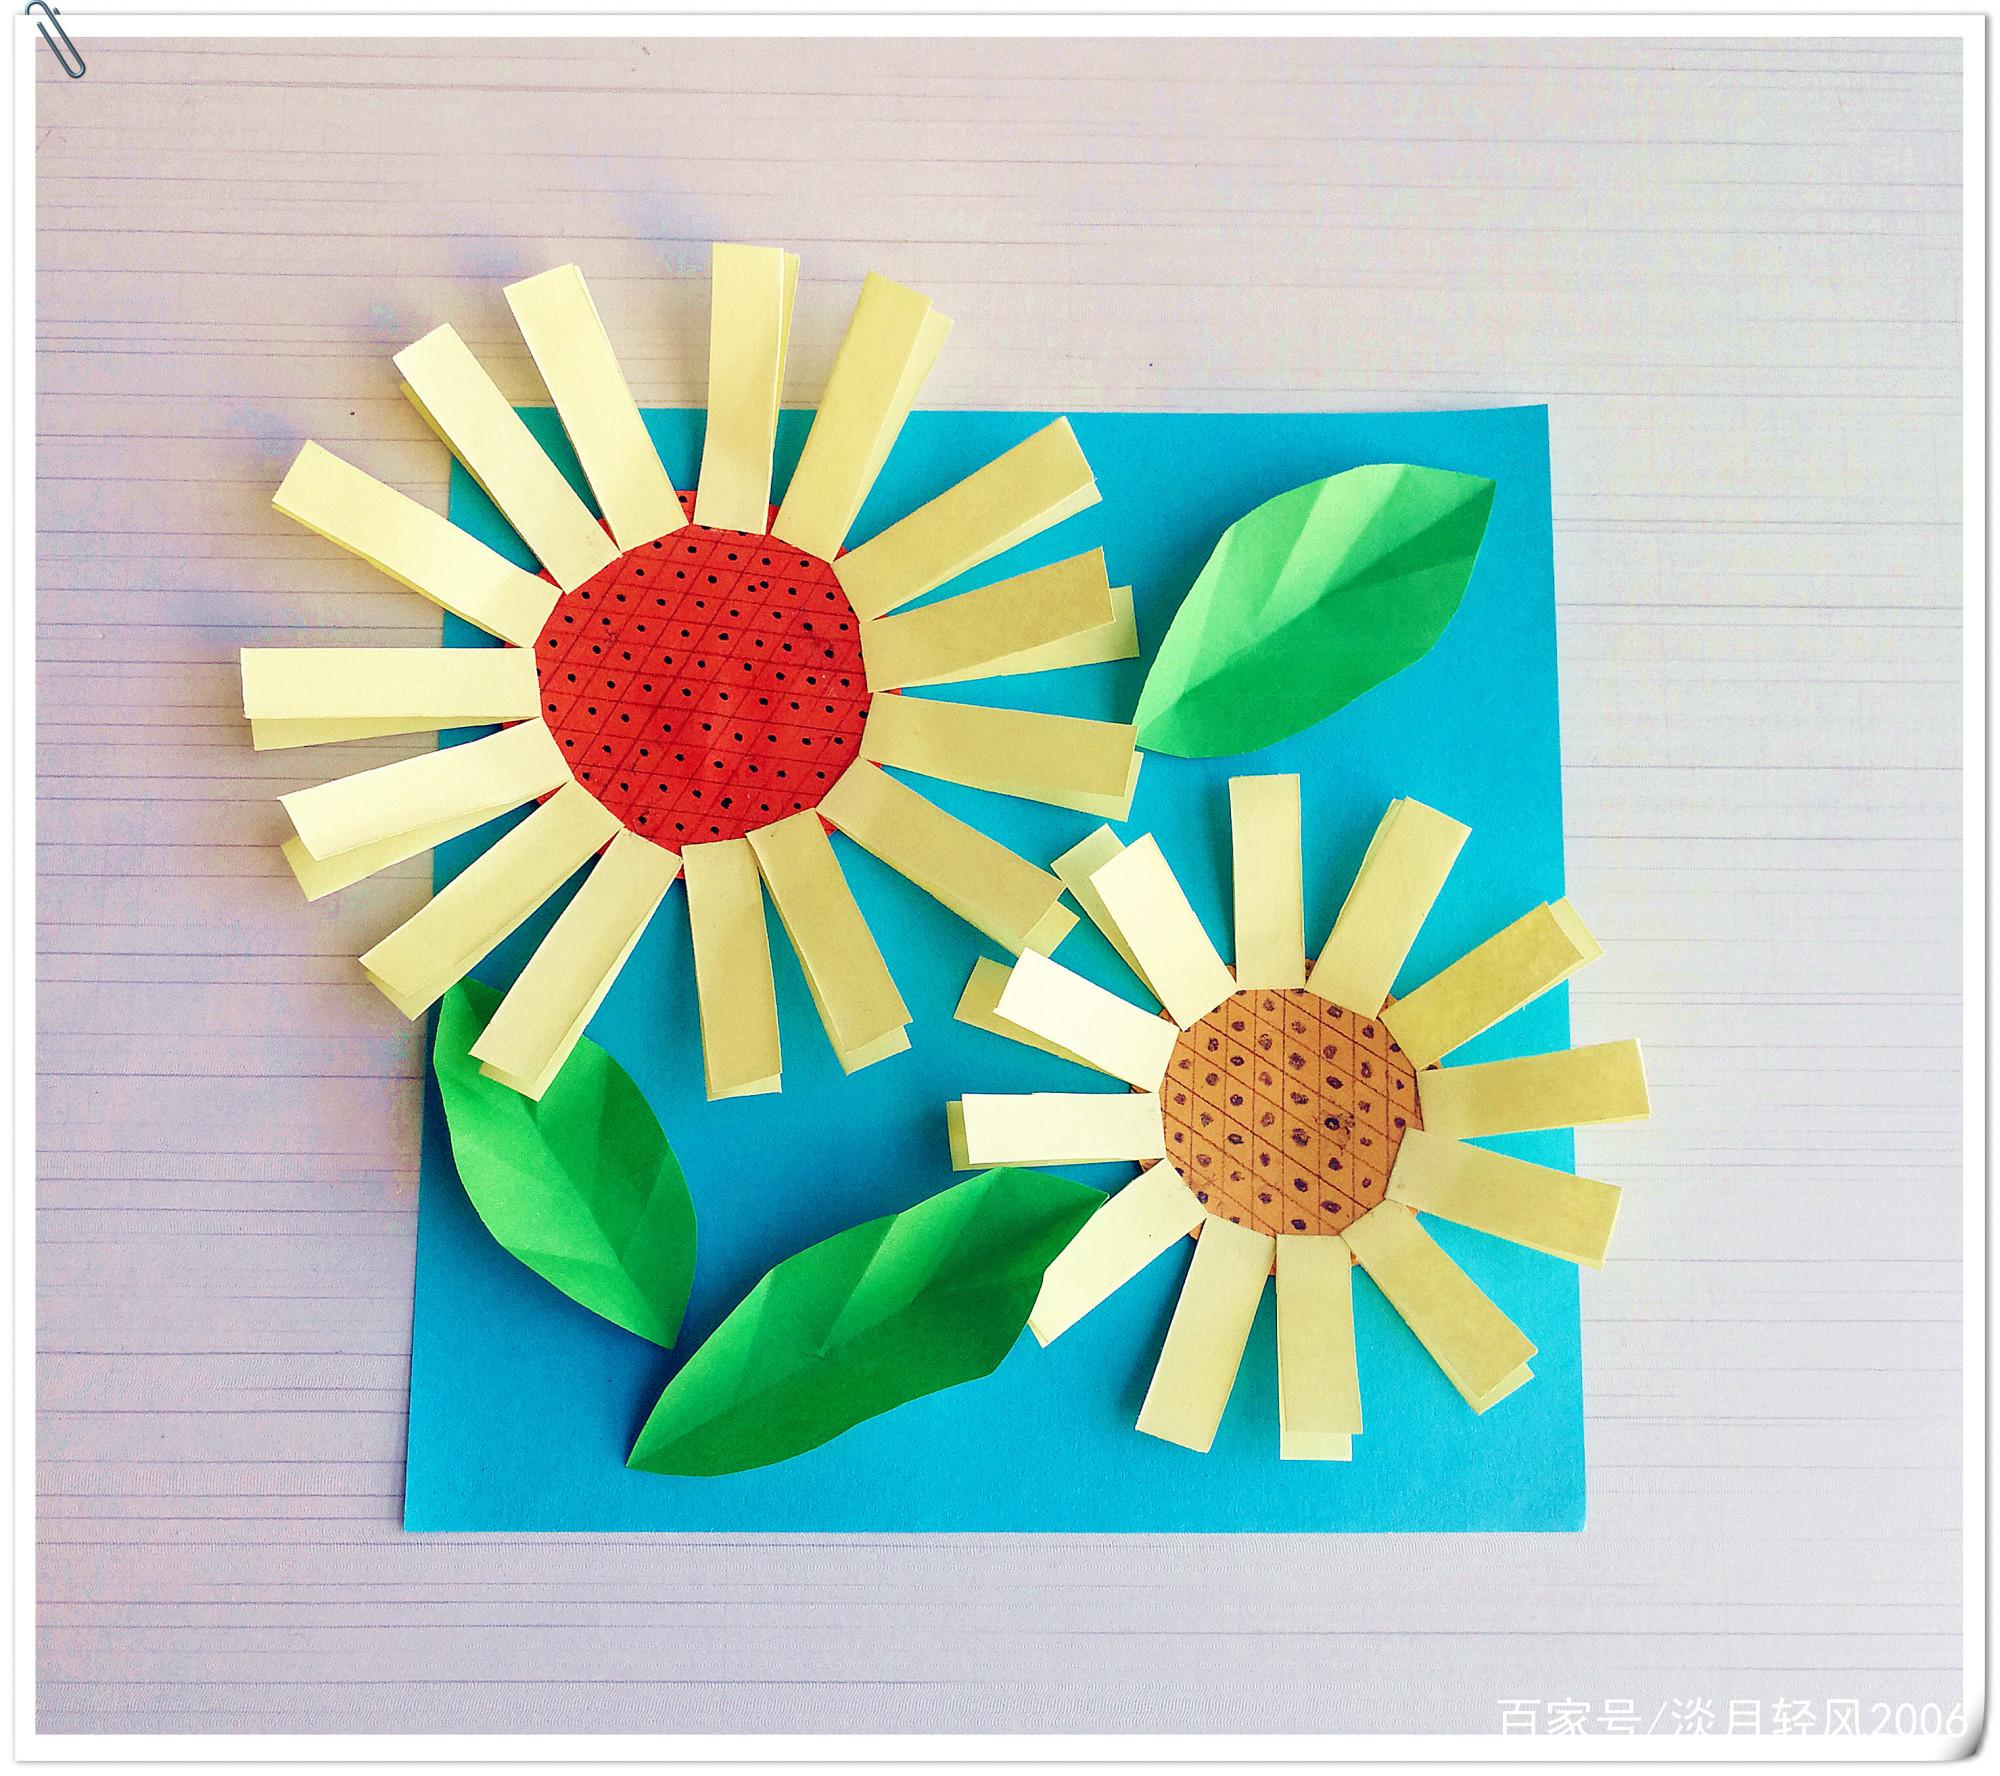 幼儿小手工,简单卡纸手工,用彩色卡纸粘贴向日葵画,好学又漂亮